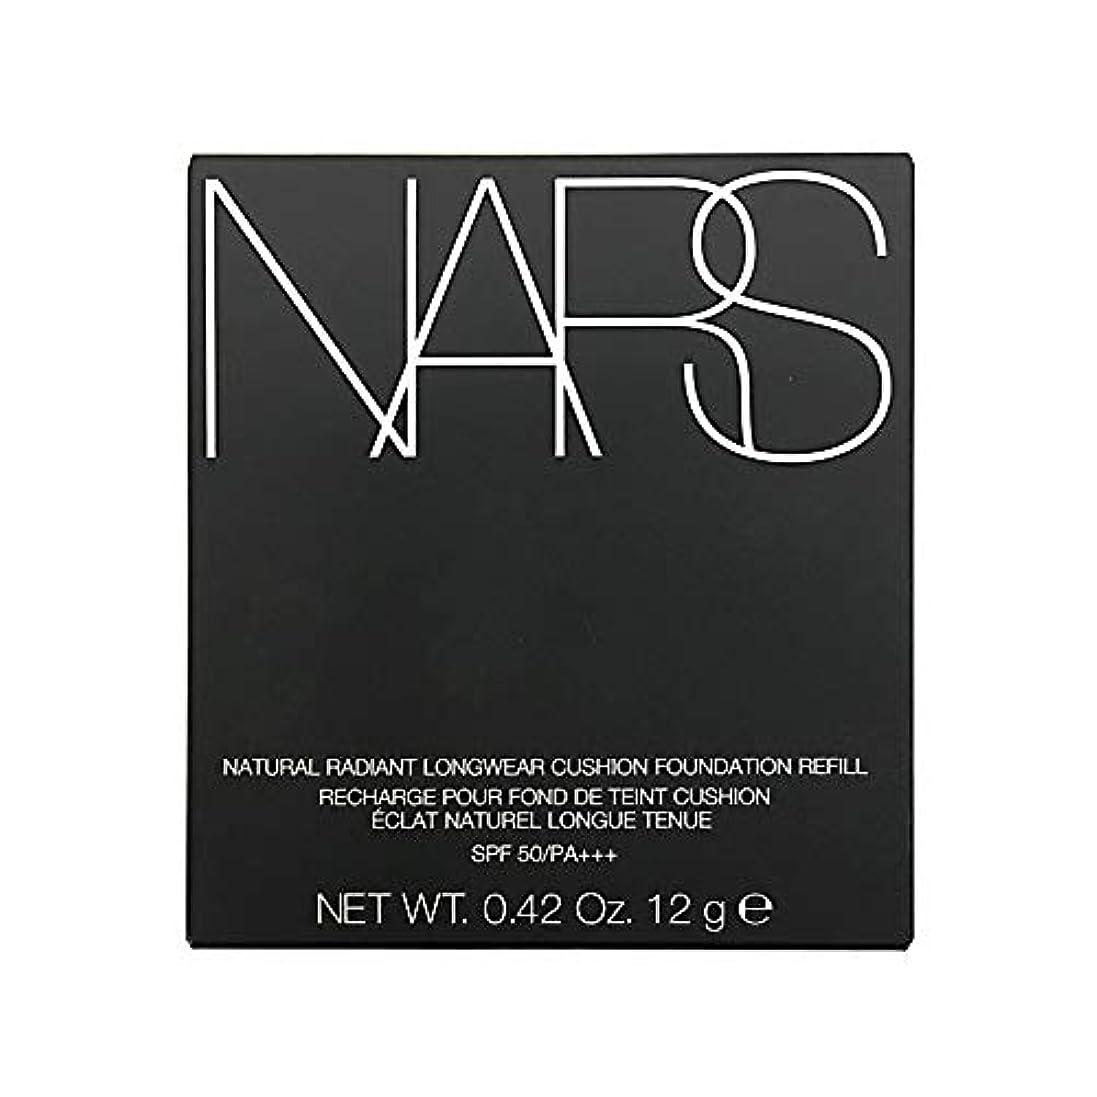 ドキュメンタリーアイロニー百年ナーズ/NARS ナチュラルラディアント ロングウェア クッションファンデーション(レフィル)#5880[ クッションファンデ ] [並行輸入品]